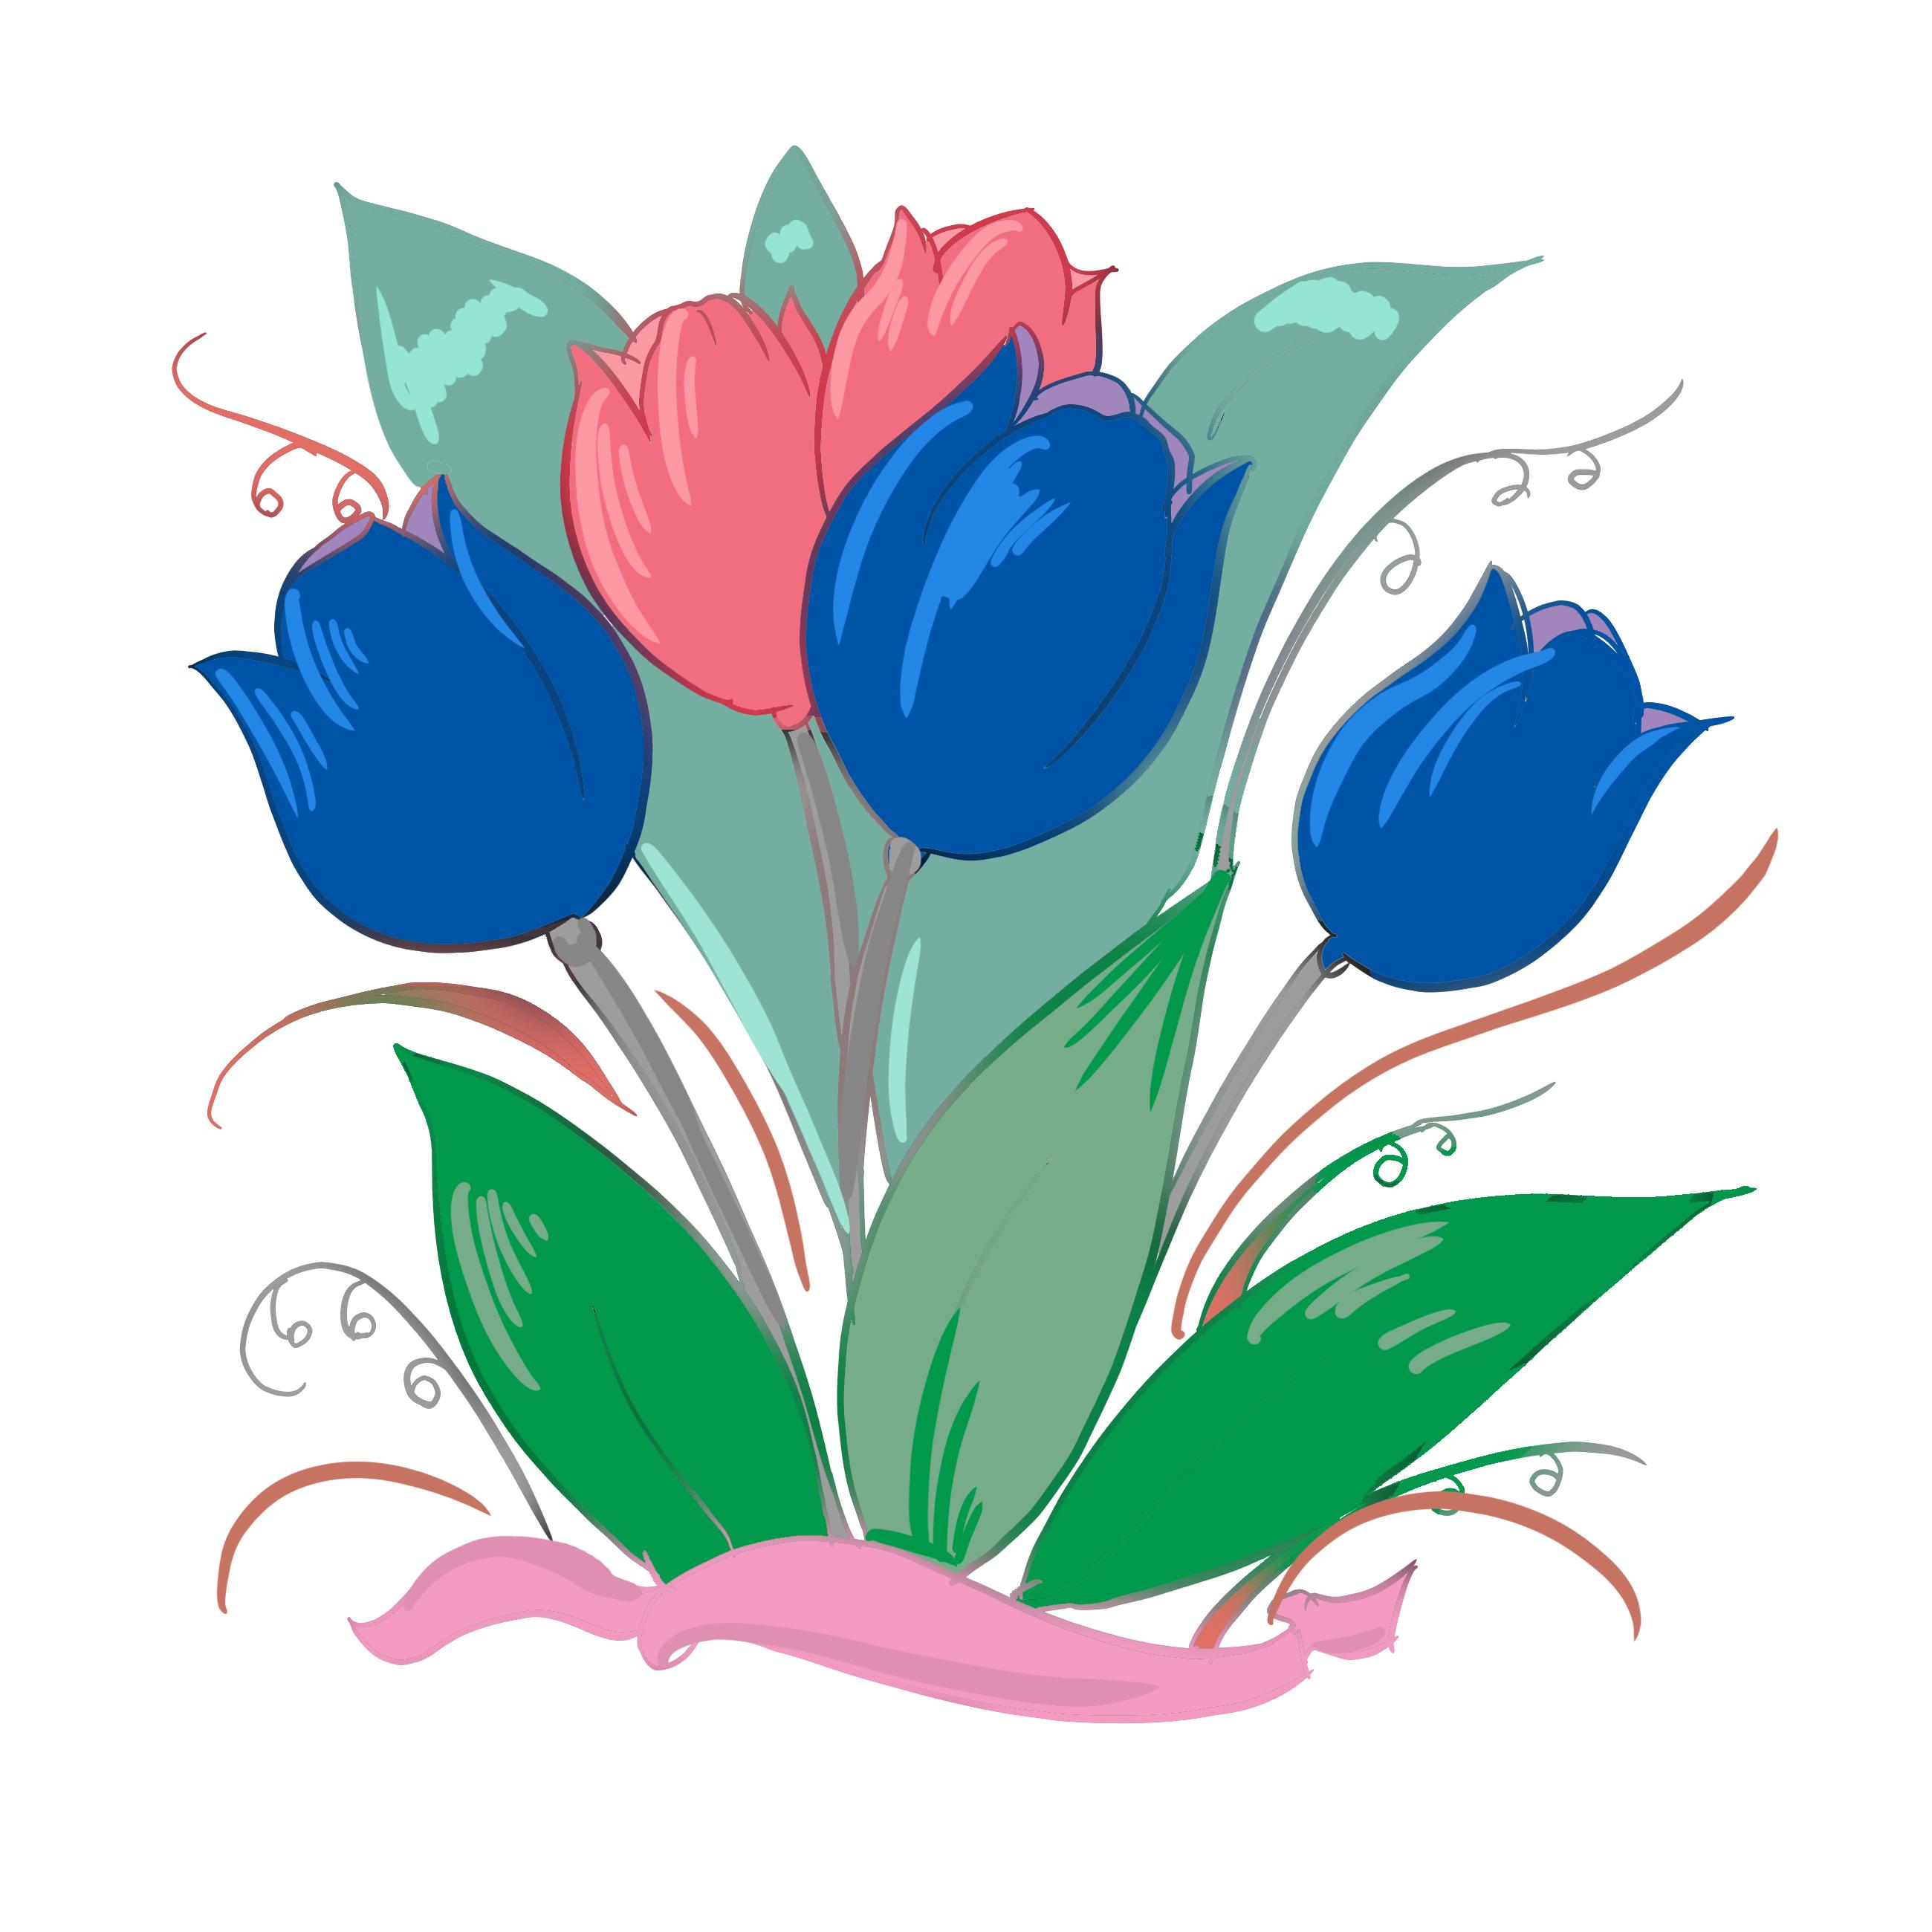 Wo finde ich cliparts kostenlos graphic royalty free stock Blumen Bilder, Cliparts, Cartoons, Grafiken, Illustrationen, Gifs ... graphic royalty free stock